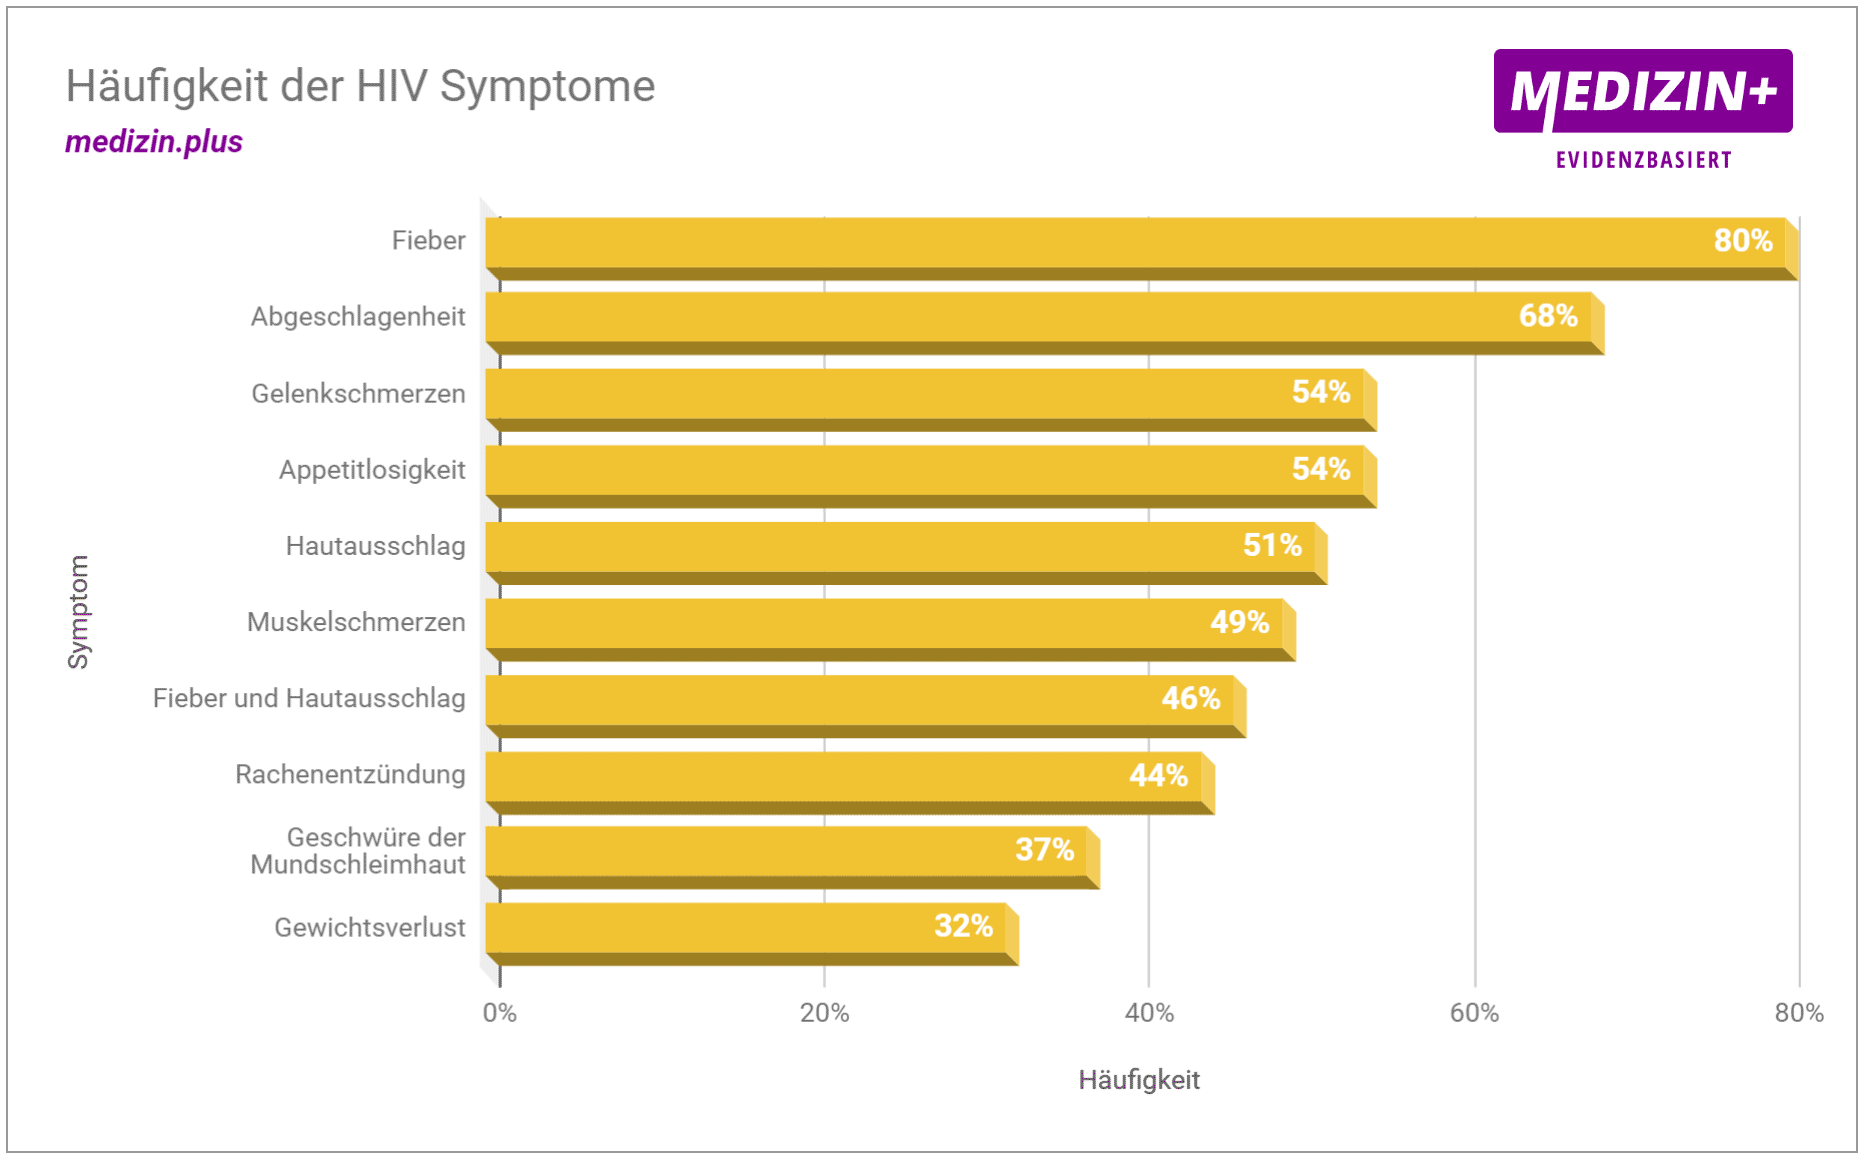 HIV-Symptome und ihre Häufigkeit